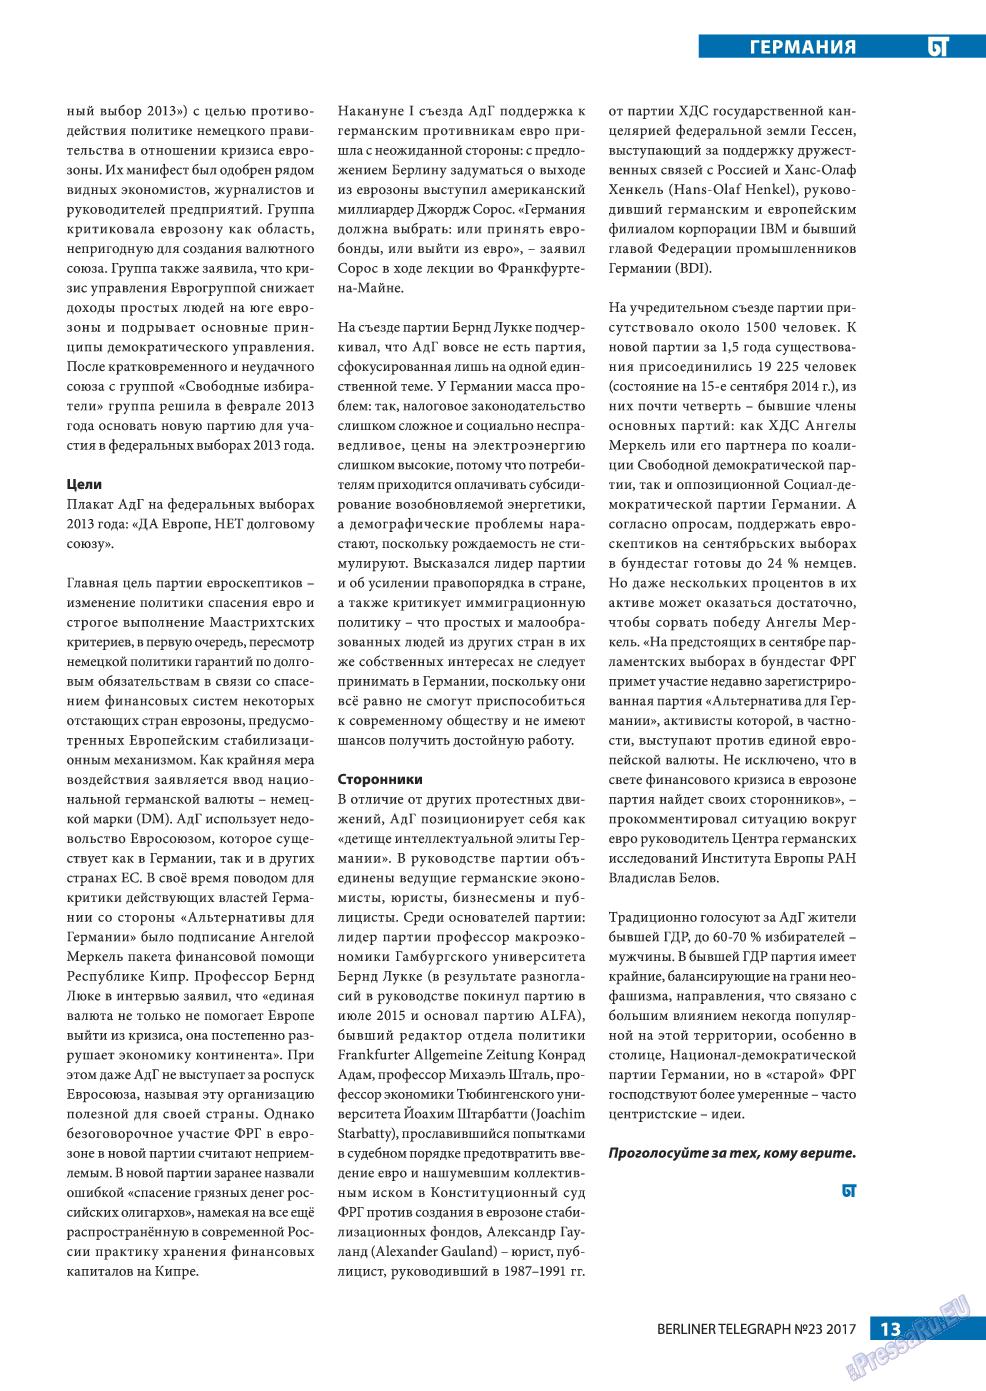 Берлинский телеграф (журнал). 2017 год, номер 23, стр. 13